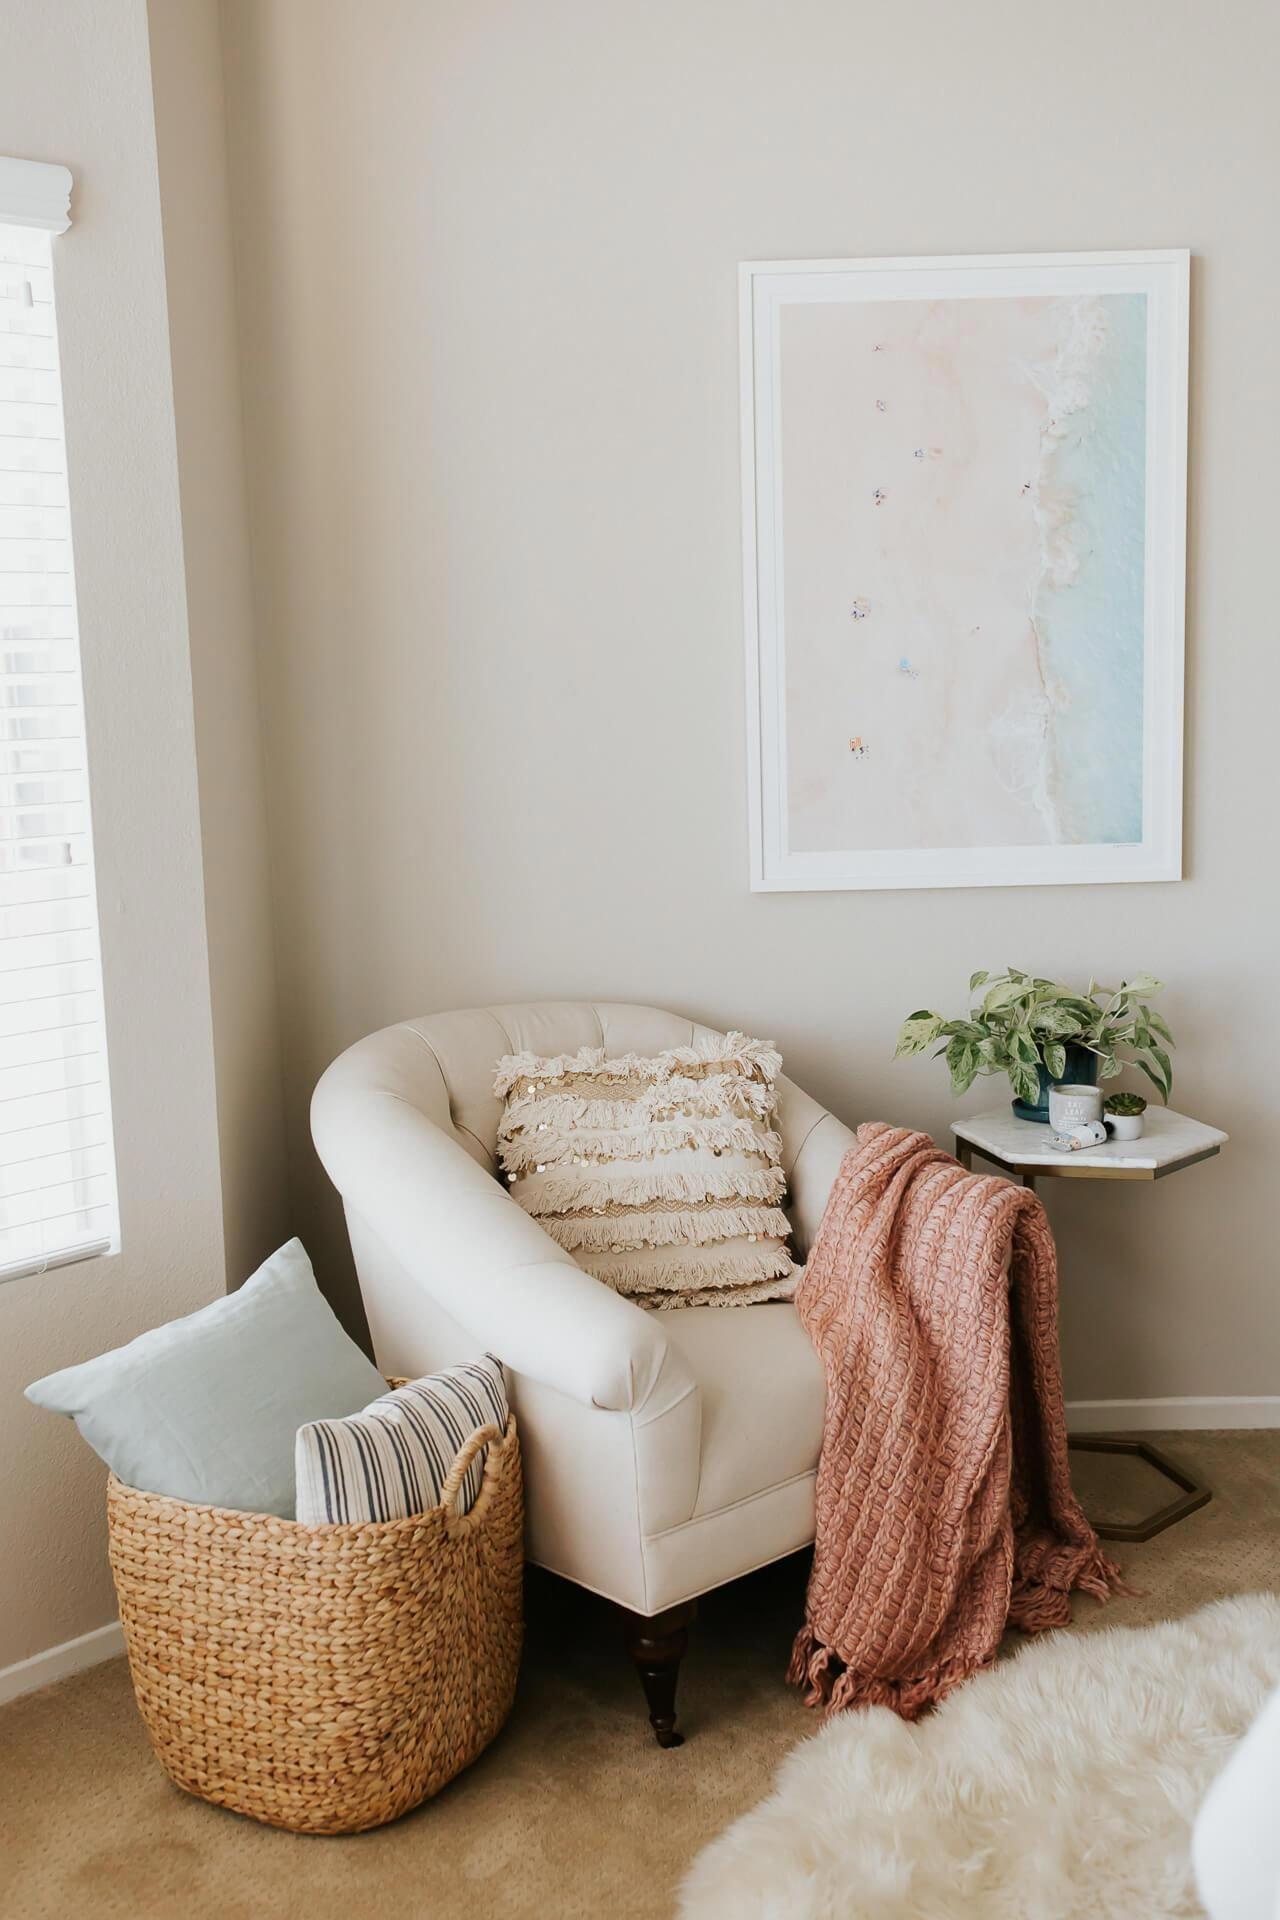 Manta rose para poltrona clara no quarto